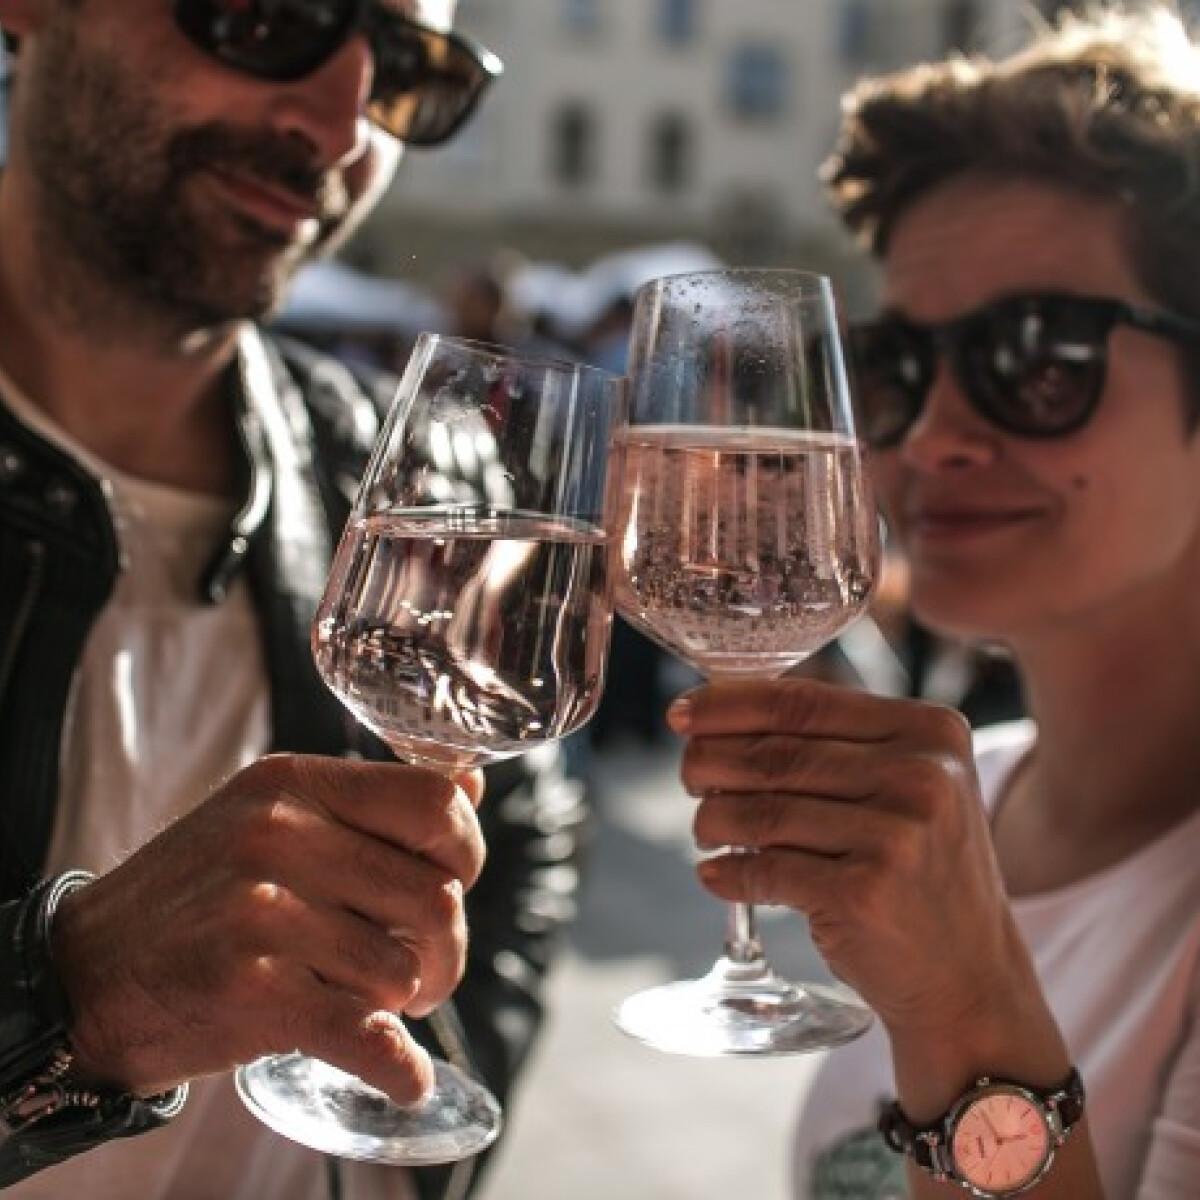 Ehető naptej és pink tonic - ezekkel kísérheted a gourmet fogásokat!